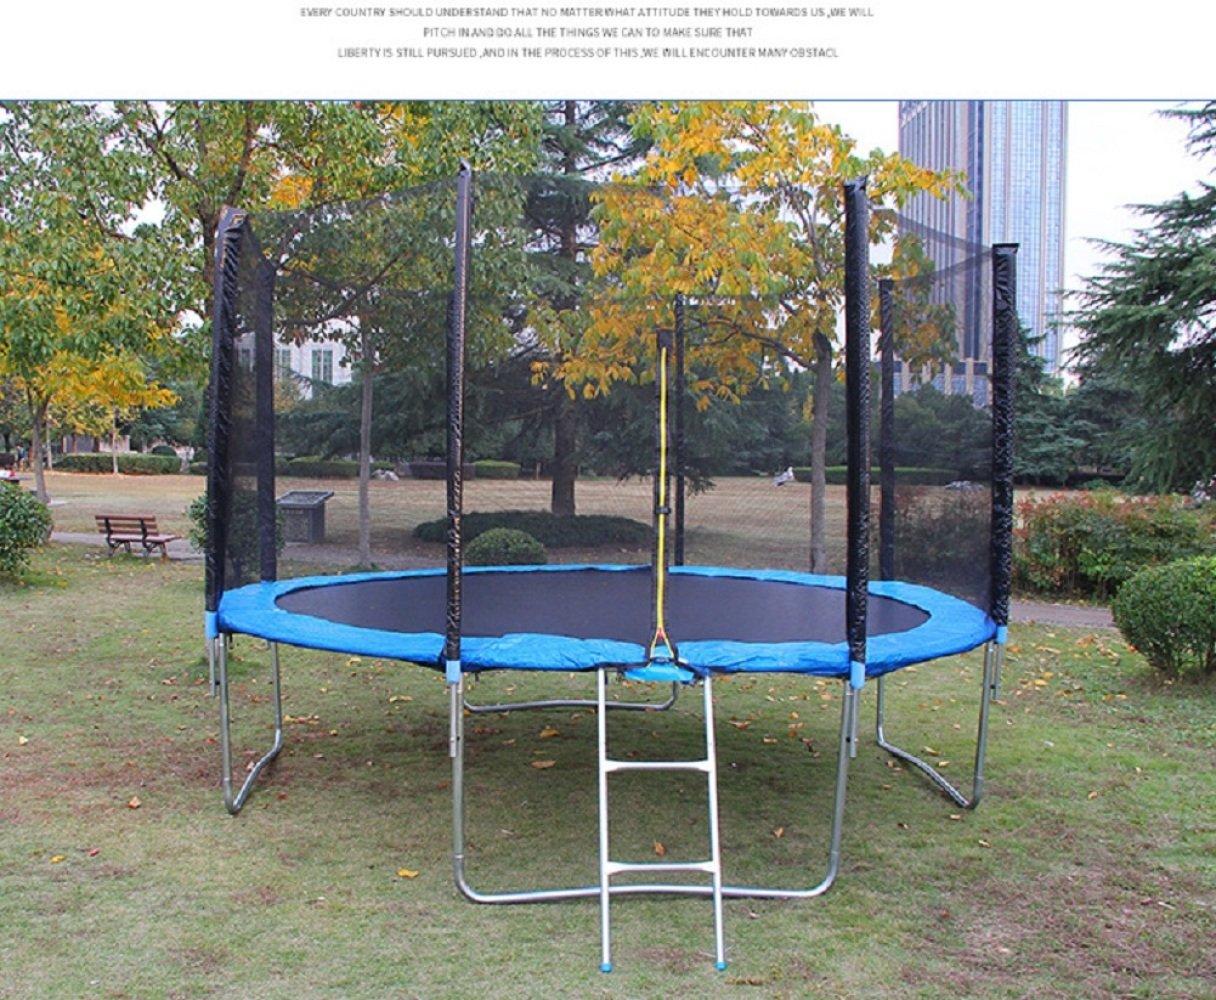 VIO Freien groß angelegte Erwachsene Frühlings-Bett-Kind-Spiel-Kindergarten-springende Bett-Trampoline-Trampolin-Eignungs-Ausrüstung Blau